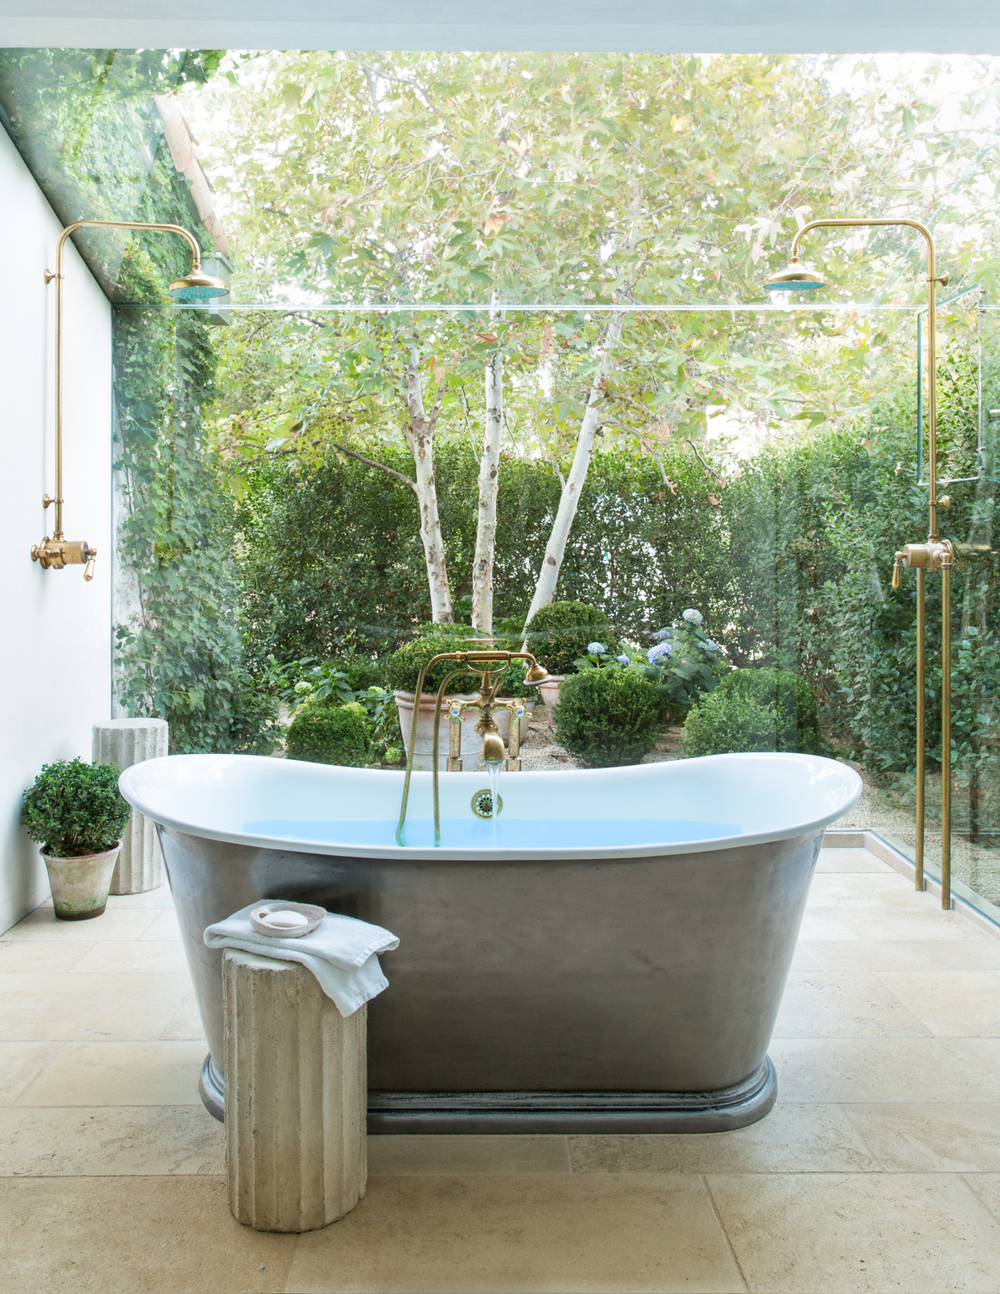 copper-tub-garden-MasterBathroom-view